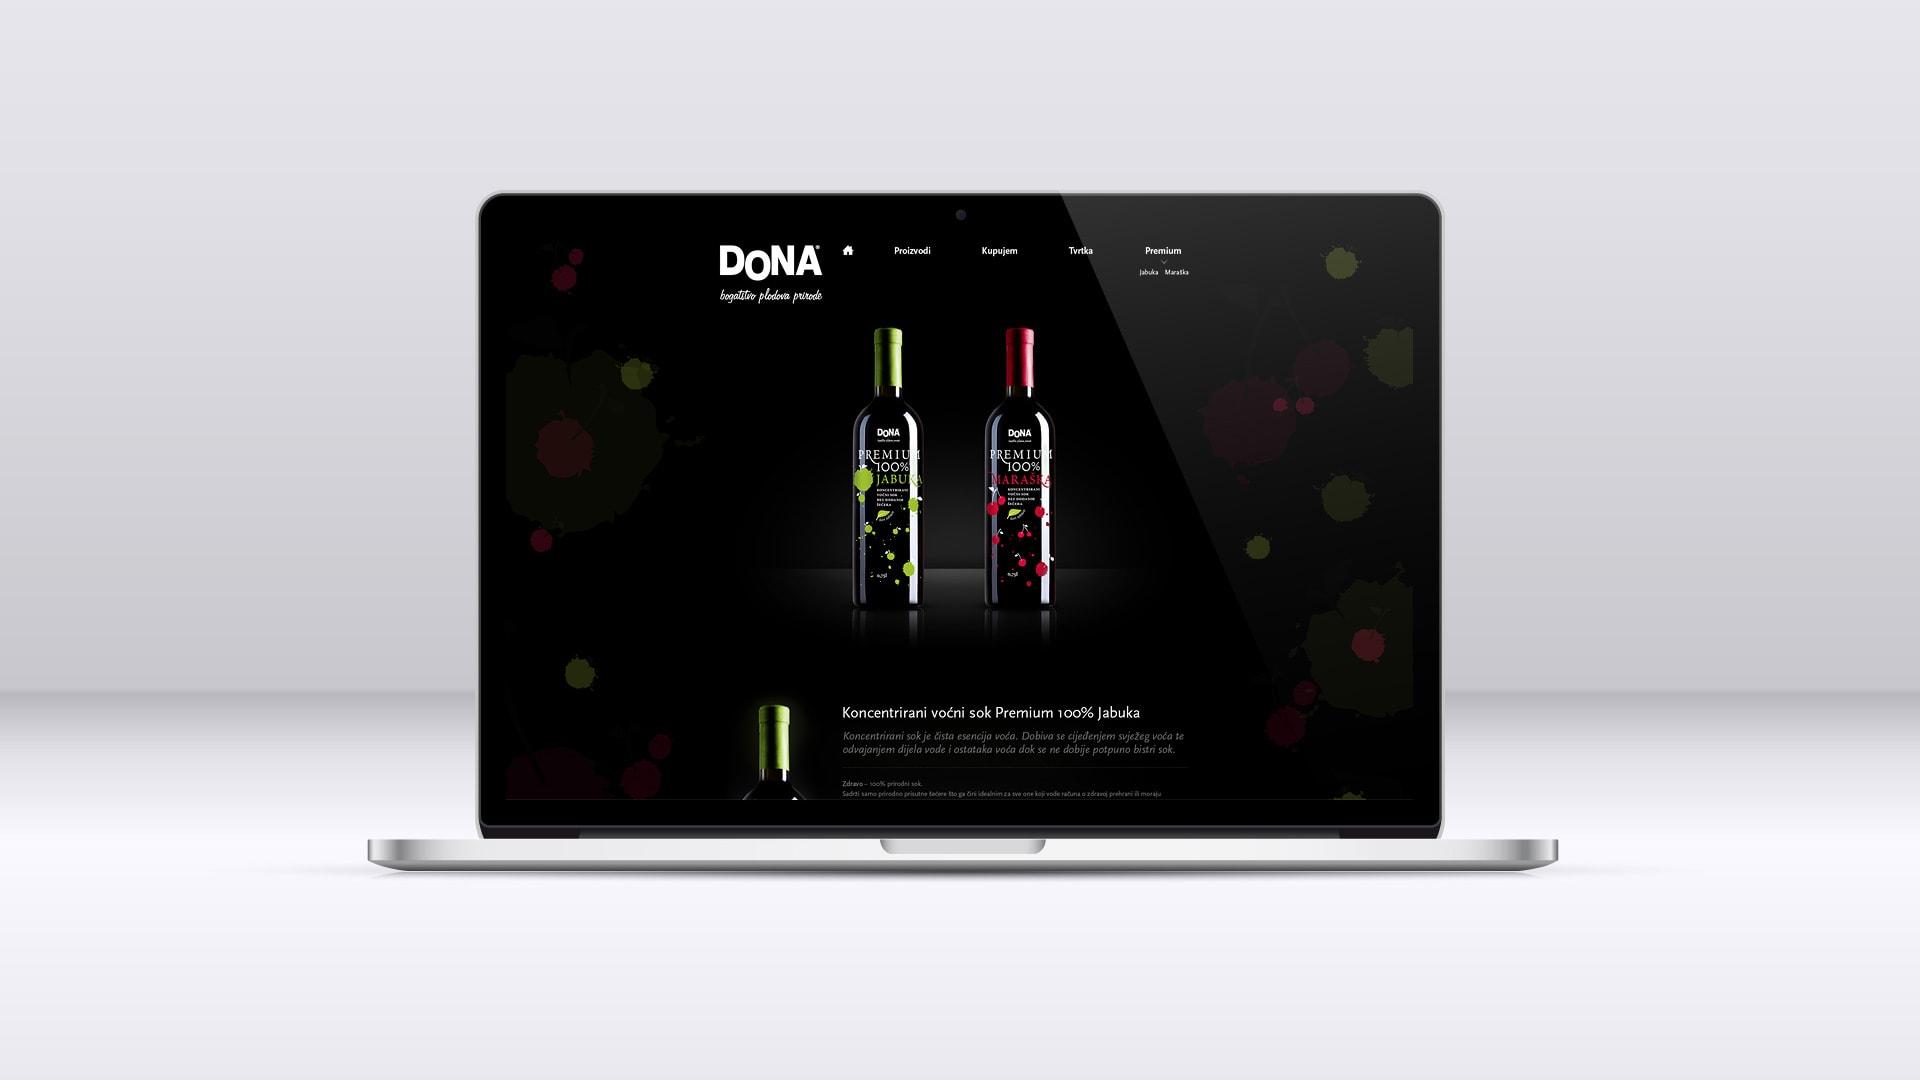 Dona Premium